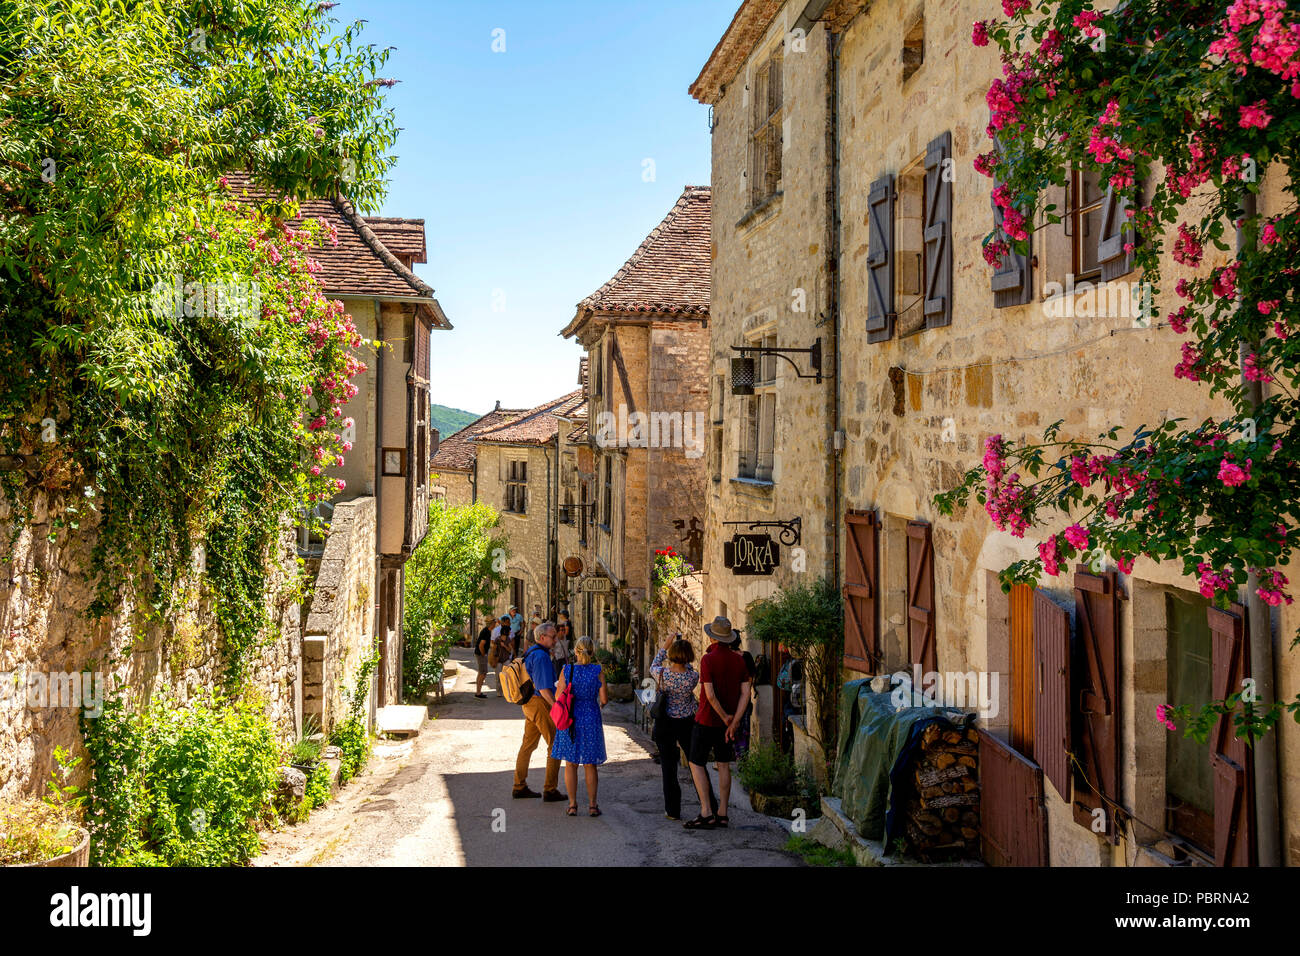 Saint-Cirq-Lapopie auf Santiago de Compostela Wallfahrt Straße, gekennzeichnet als Les Plus beaux villages de France oder die Schönsten Dörfer von Franc Stockbild